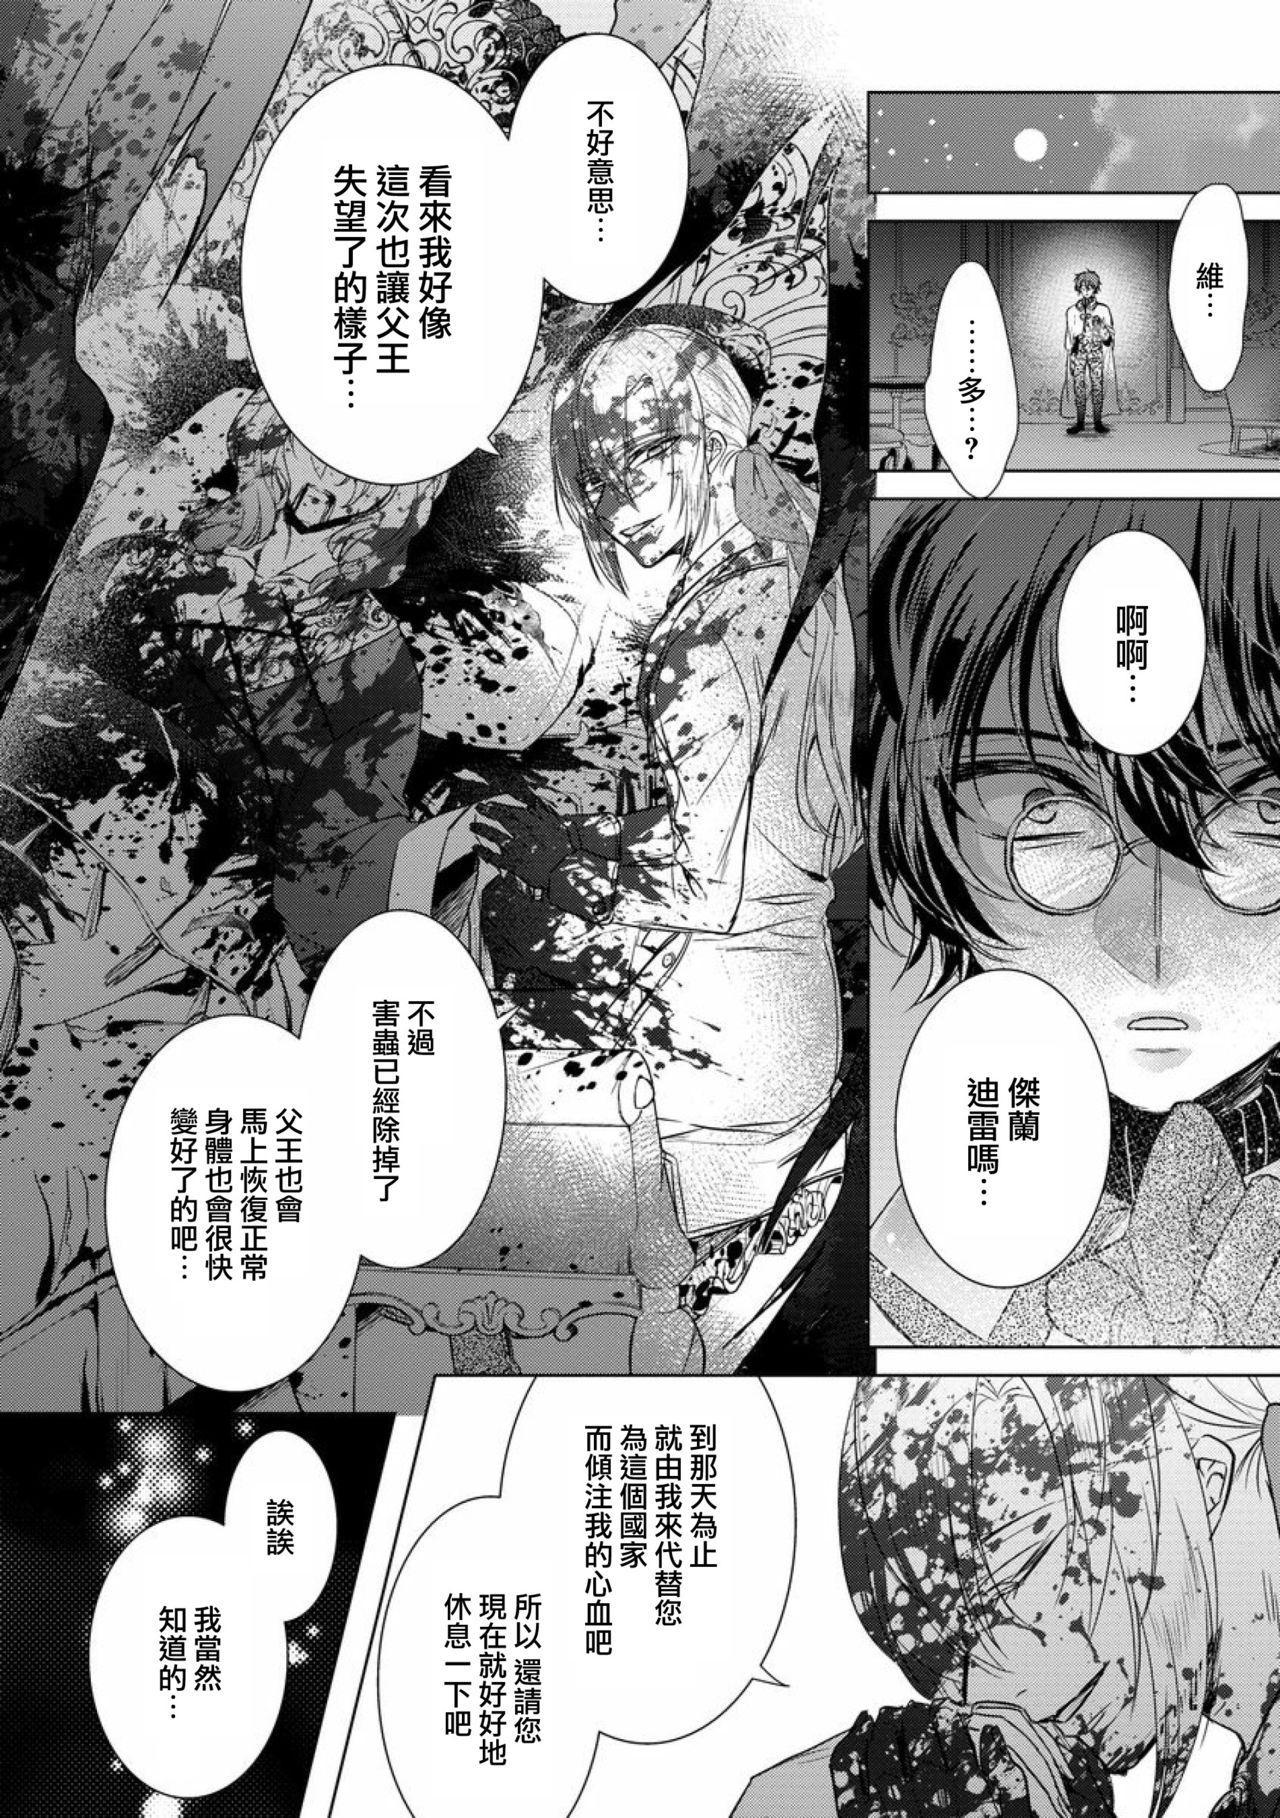 [Saotome Mokono] Kyououji no Ibitsu na Shuuai ~Nyotaika Knight no Totsukitooka~ Ch. 12 [Chinese] [瑞树汉化组] [Digital] 21